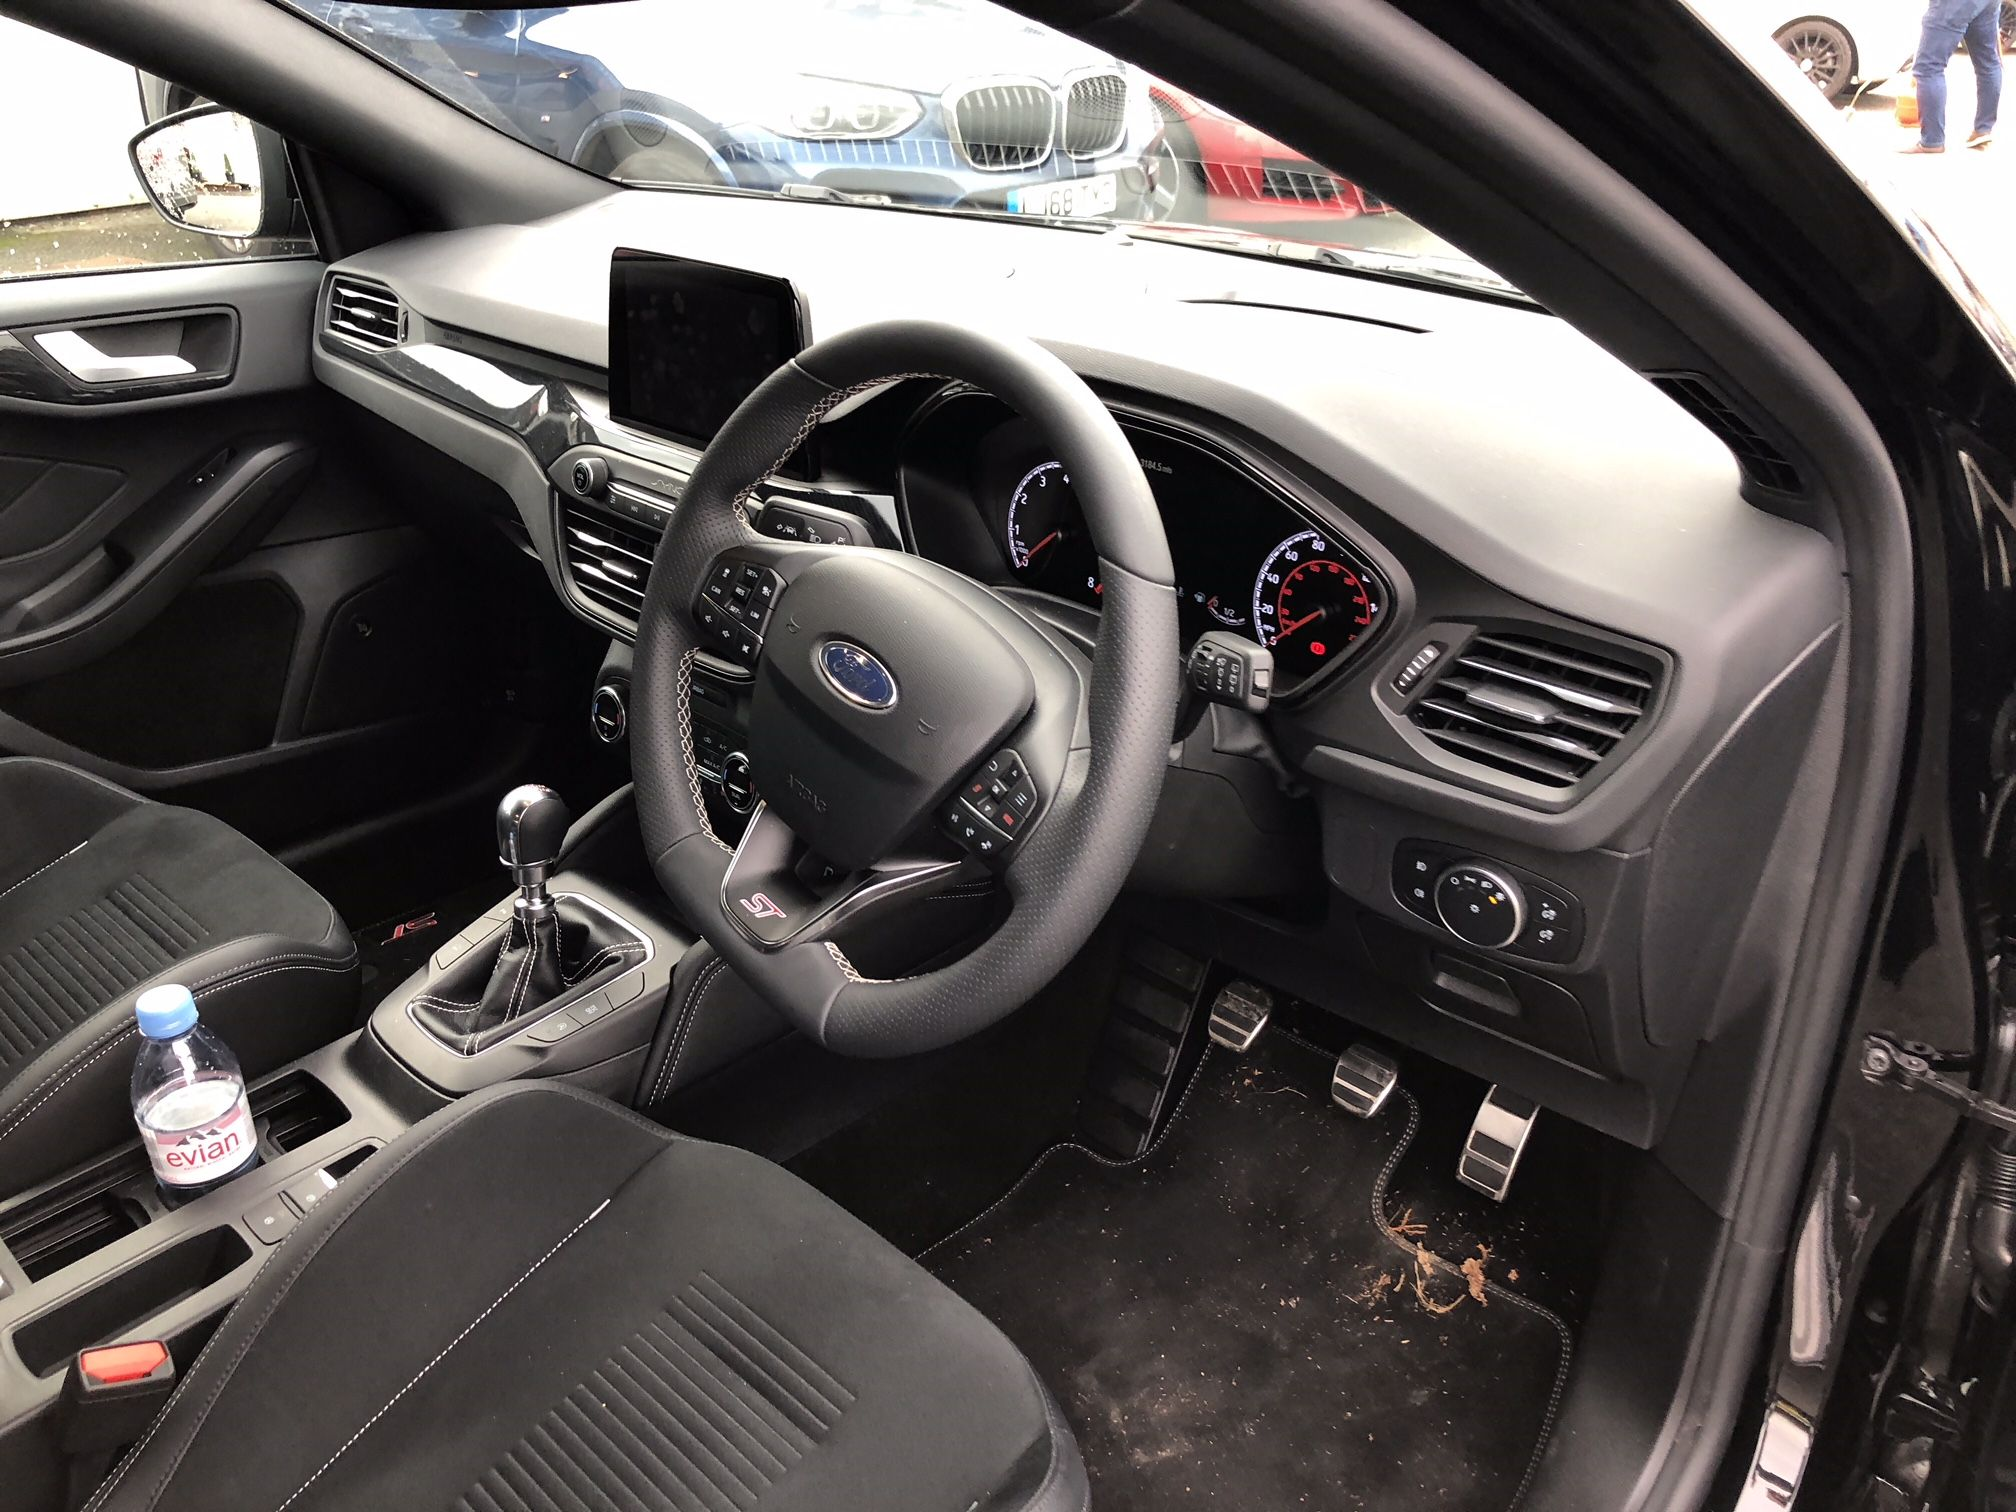 The Ford Focus Hatchback 2 3 Ecoboost St 5dr Car Leasing Deal In 2020 Car Lease Impreza Ford Focus Hatchback